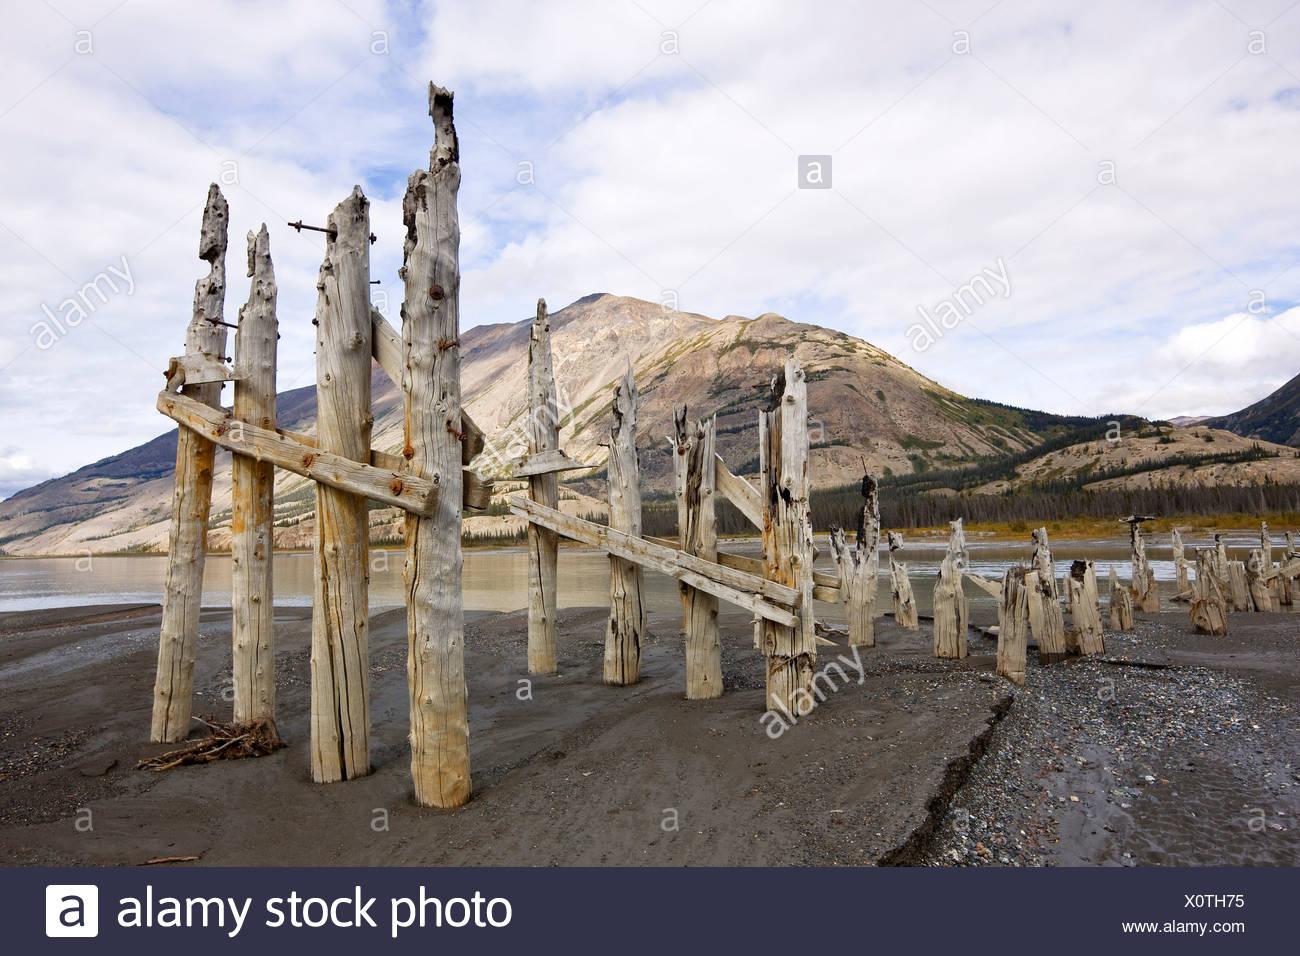 Pillings du pont de la rivière Slims original avec des moutons à l'arrière-plan, la montagne du parc national Kluane, Yukon, Canada. Photo Stock